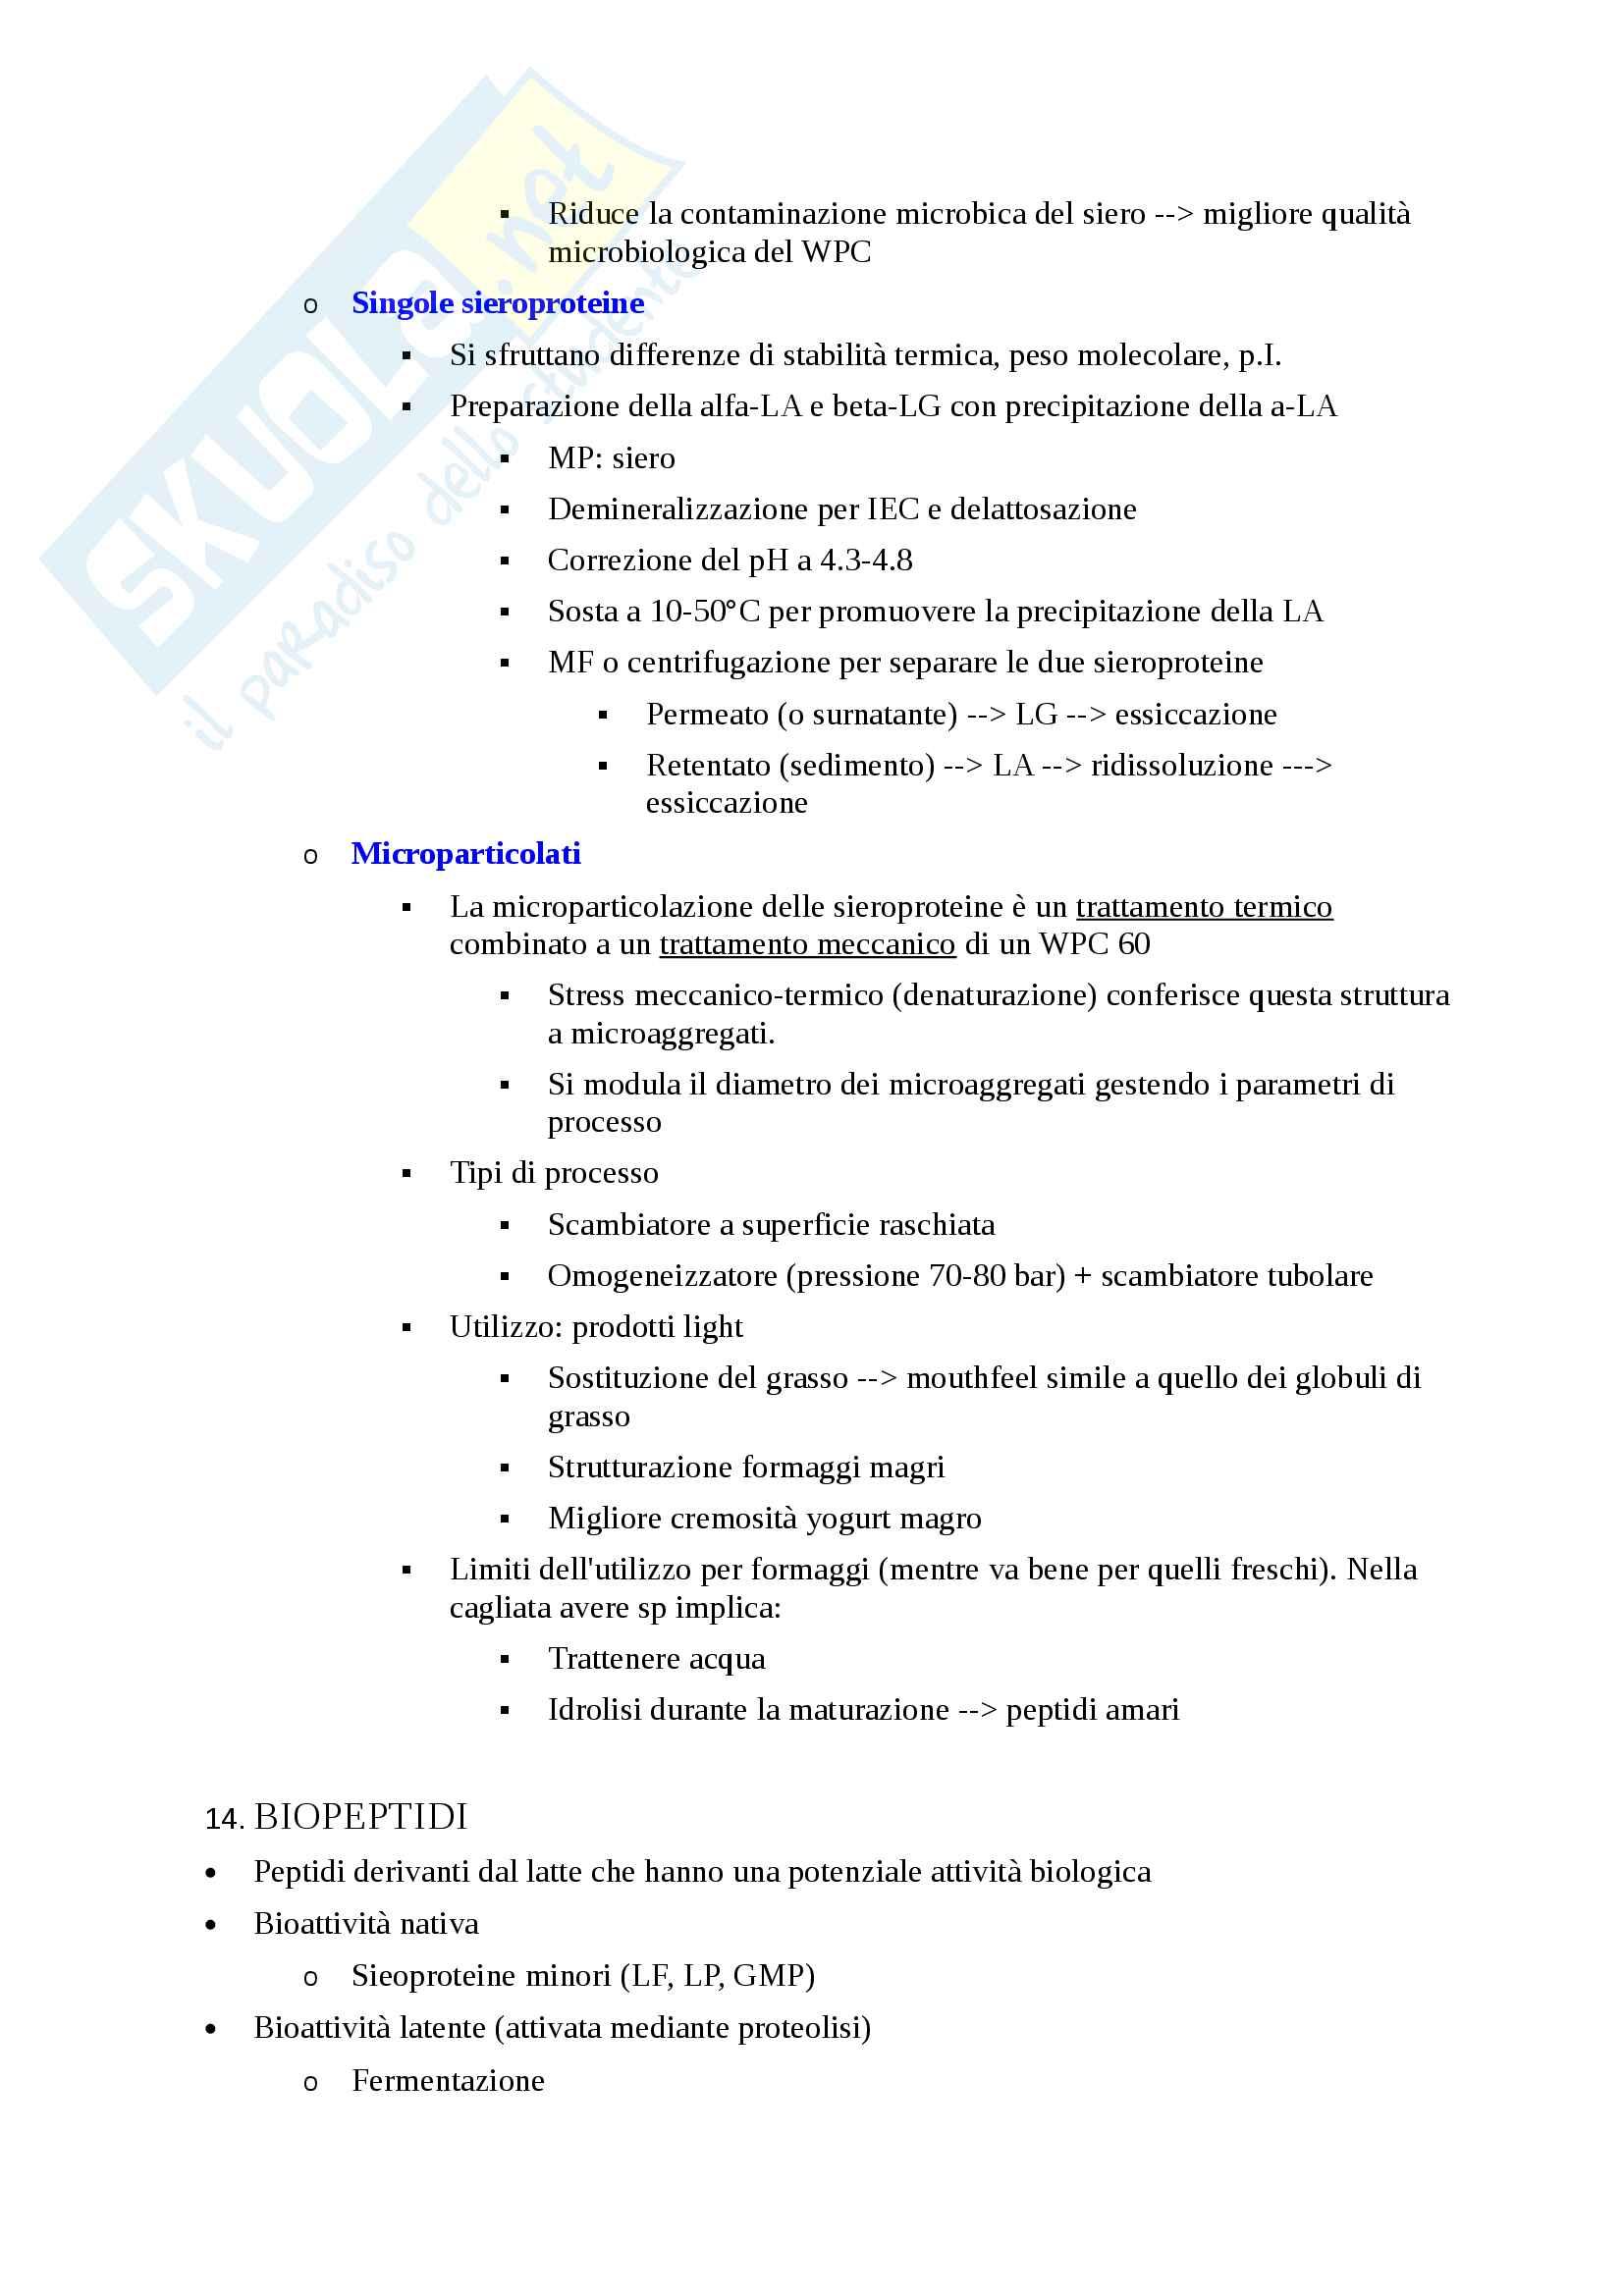 prof. De Noni Qualità Funzionalità Latte Derivati, Appunti di lezione Pag. 21